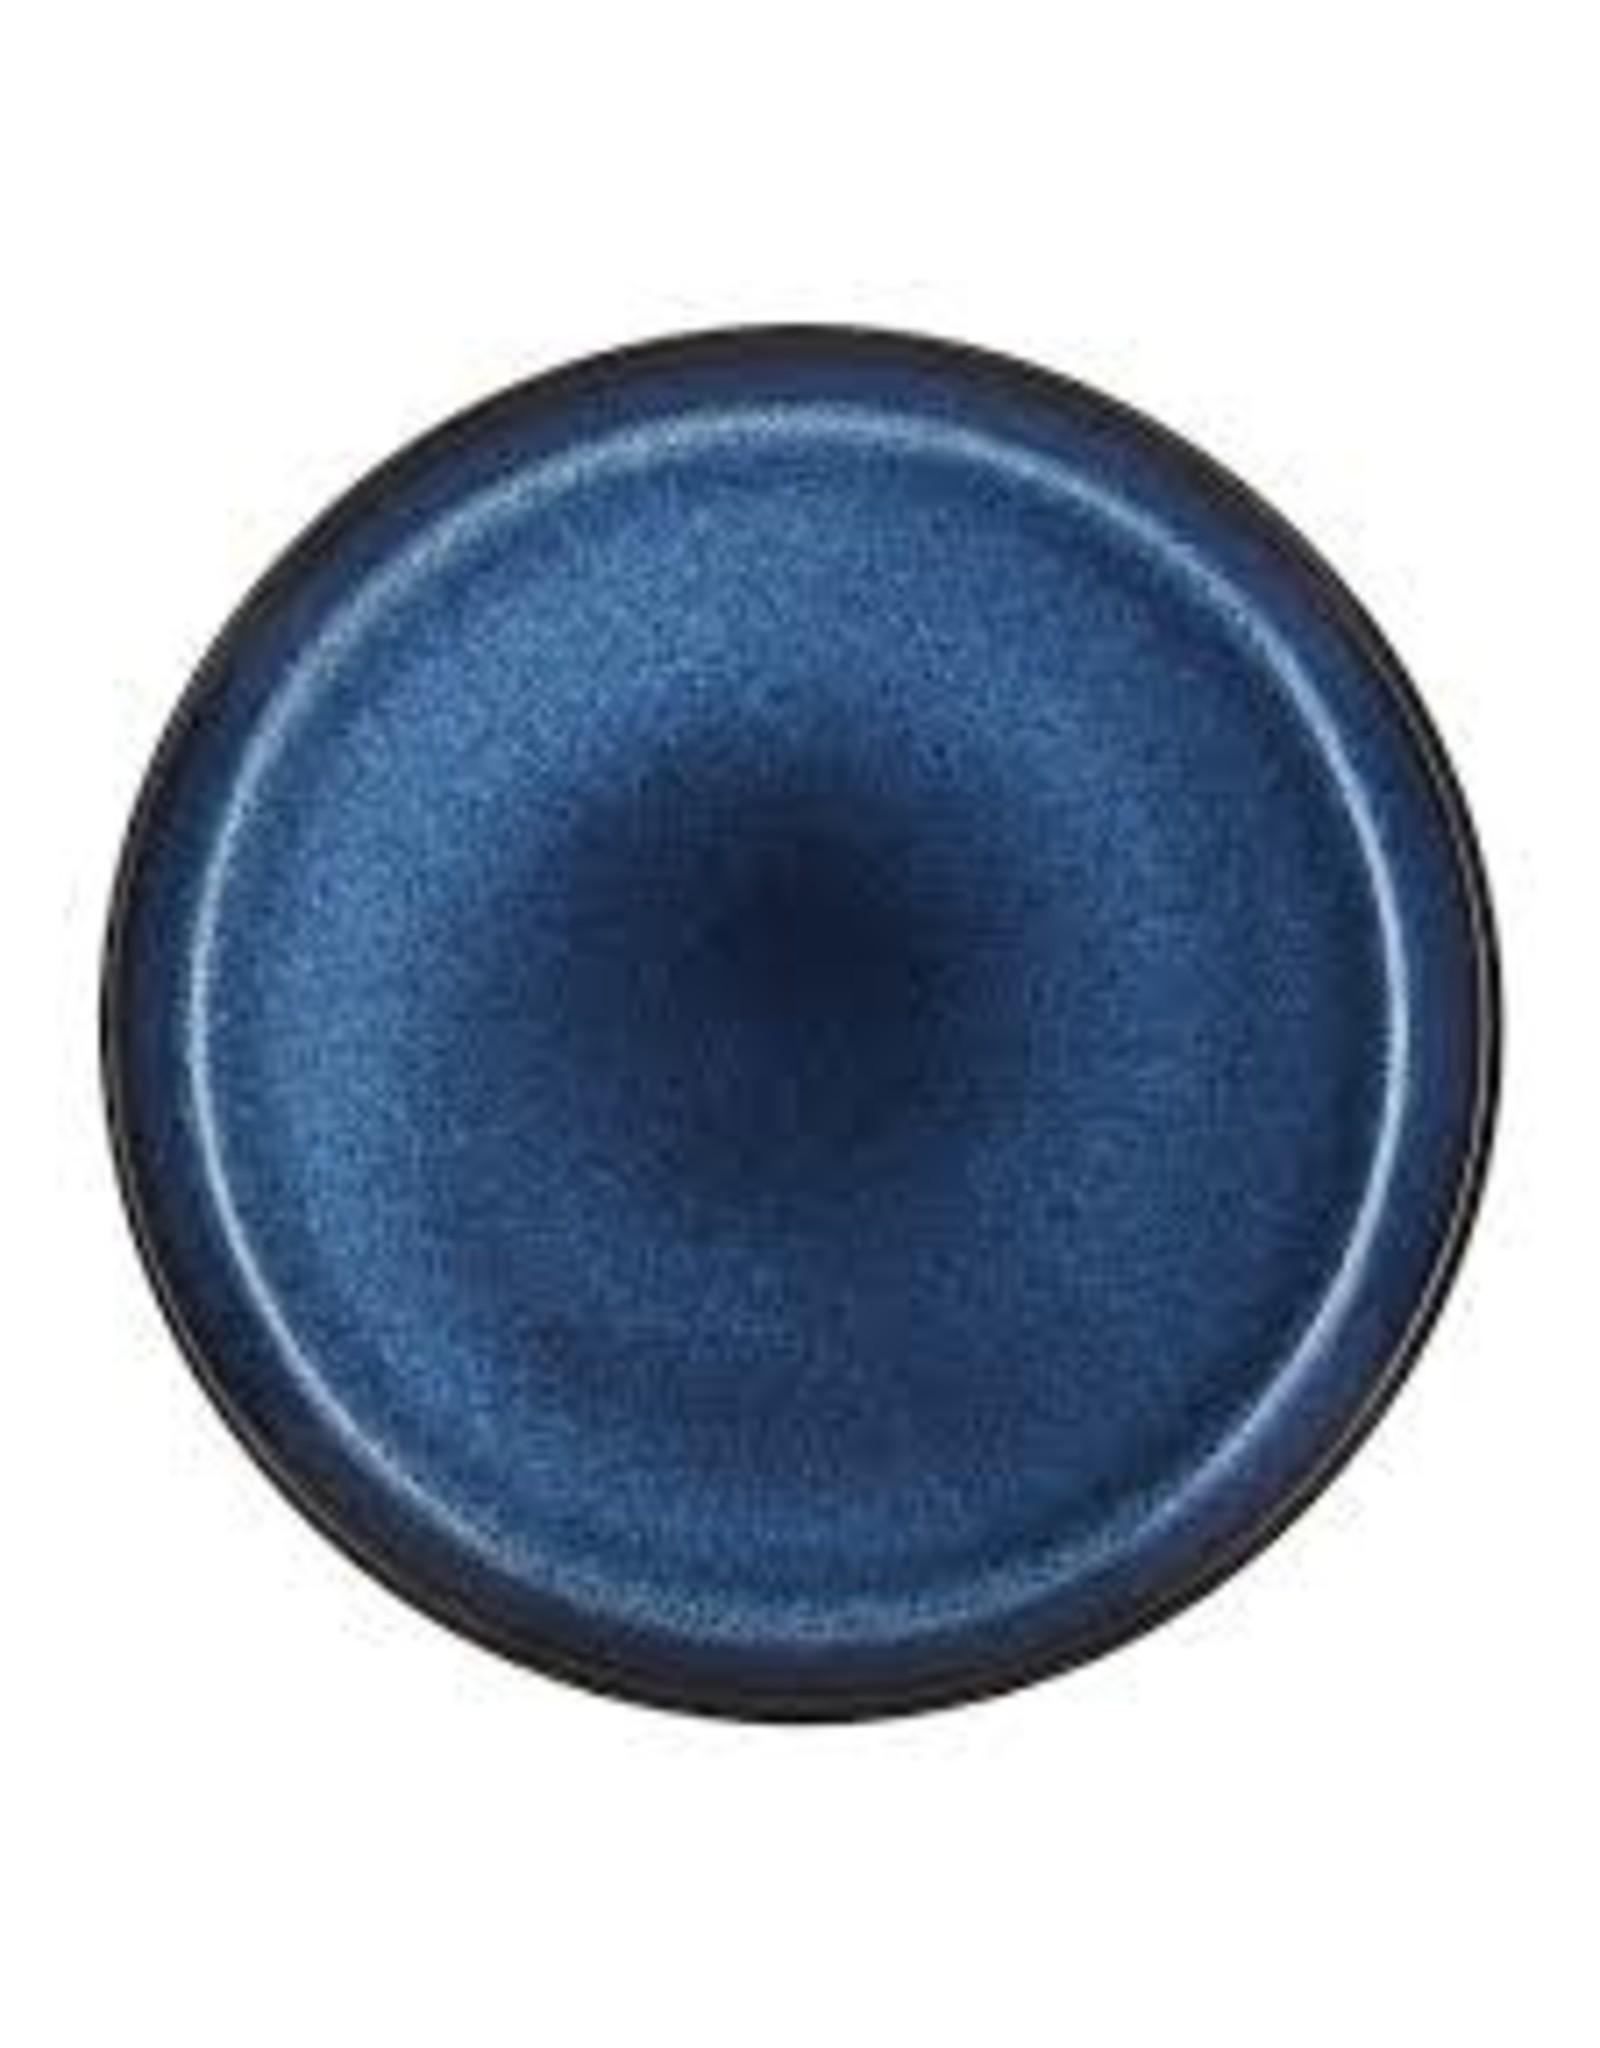 BITZ BITZ 821258 BORD 21X2CM BLACK/DARK BLUE